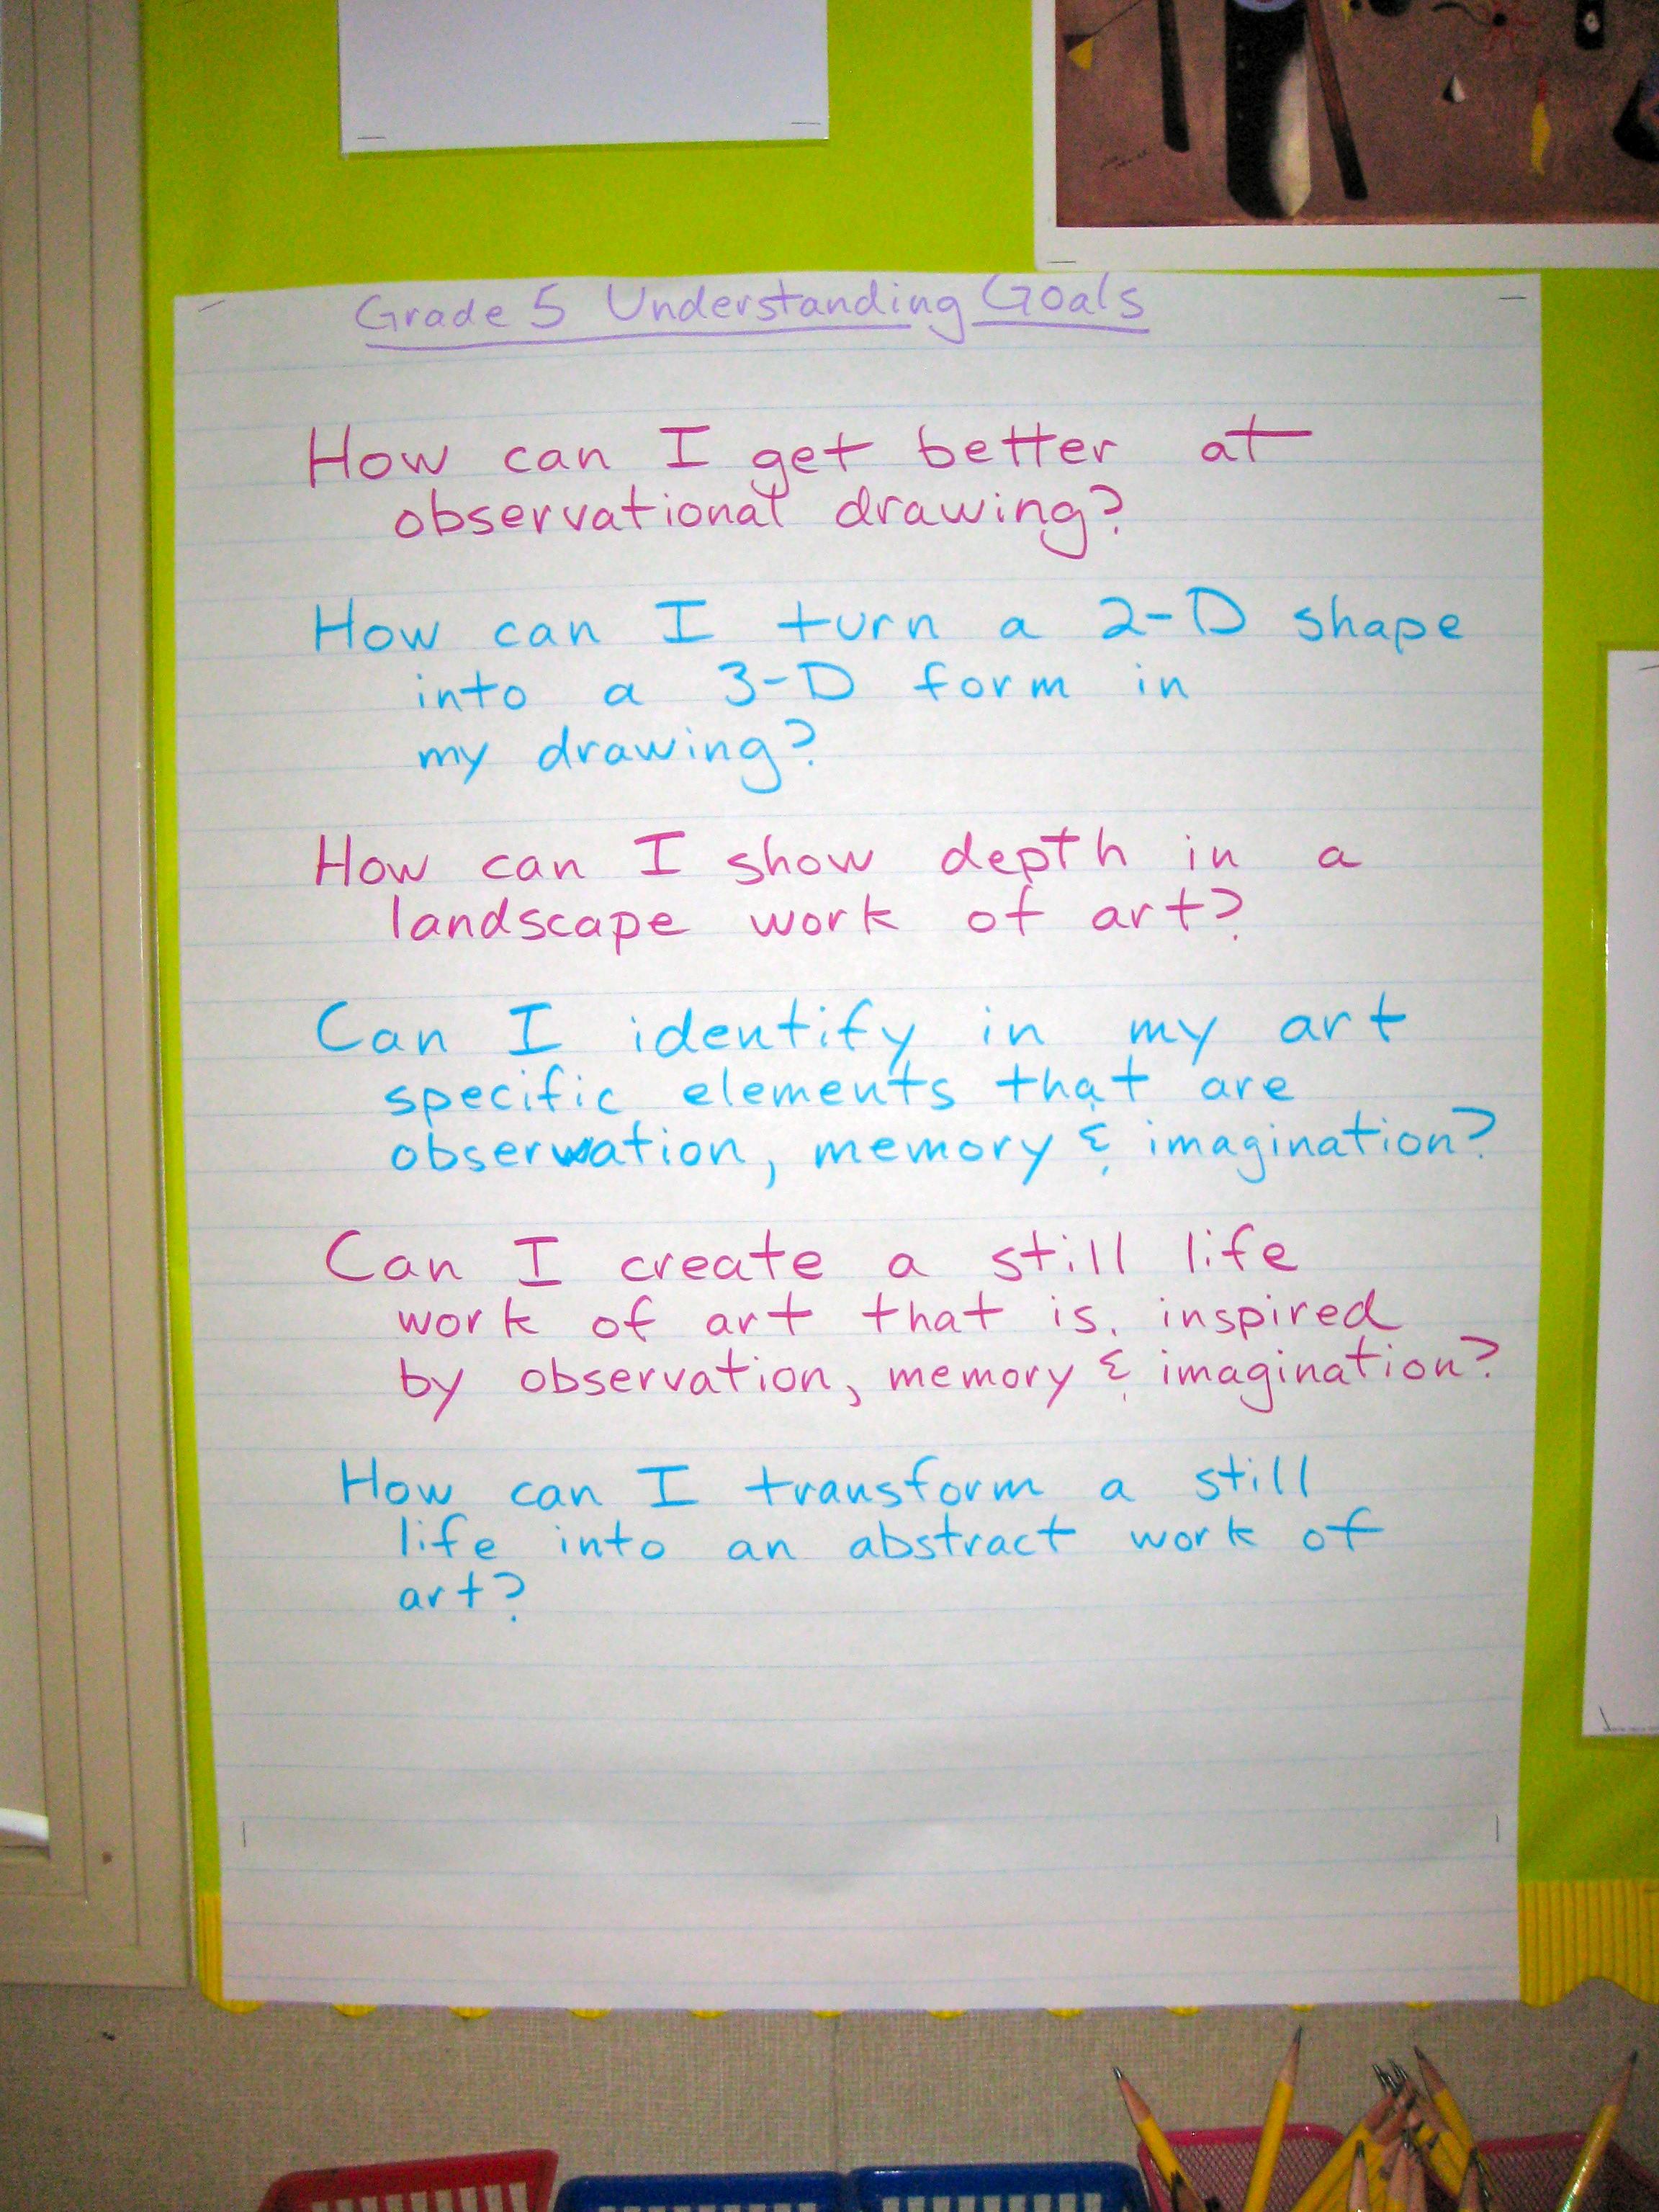 Understanding Goals, Grade 5